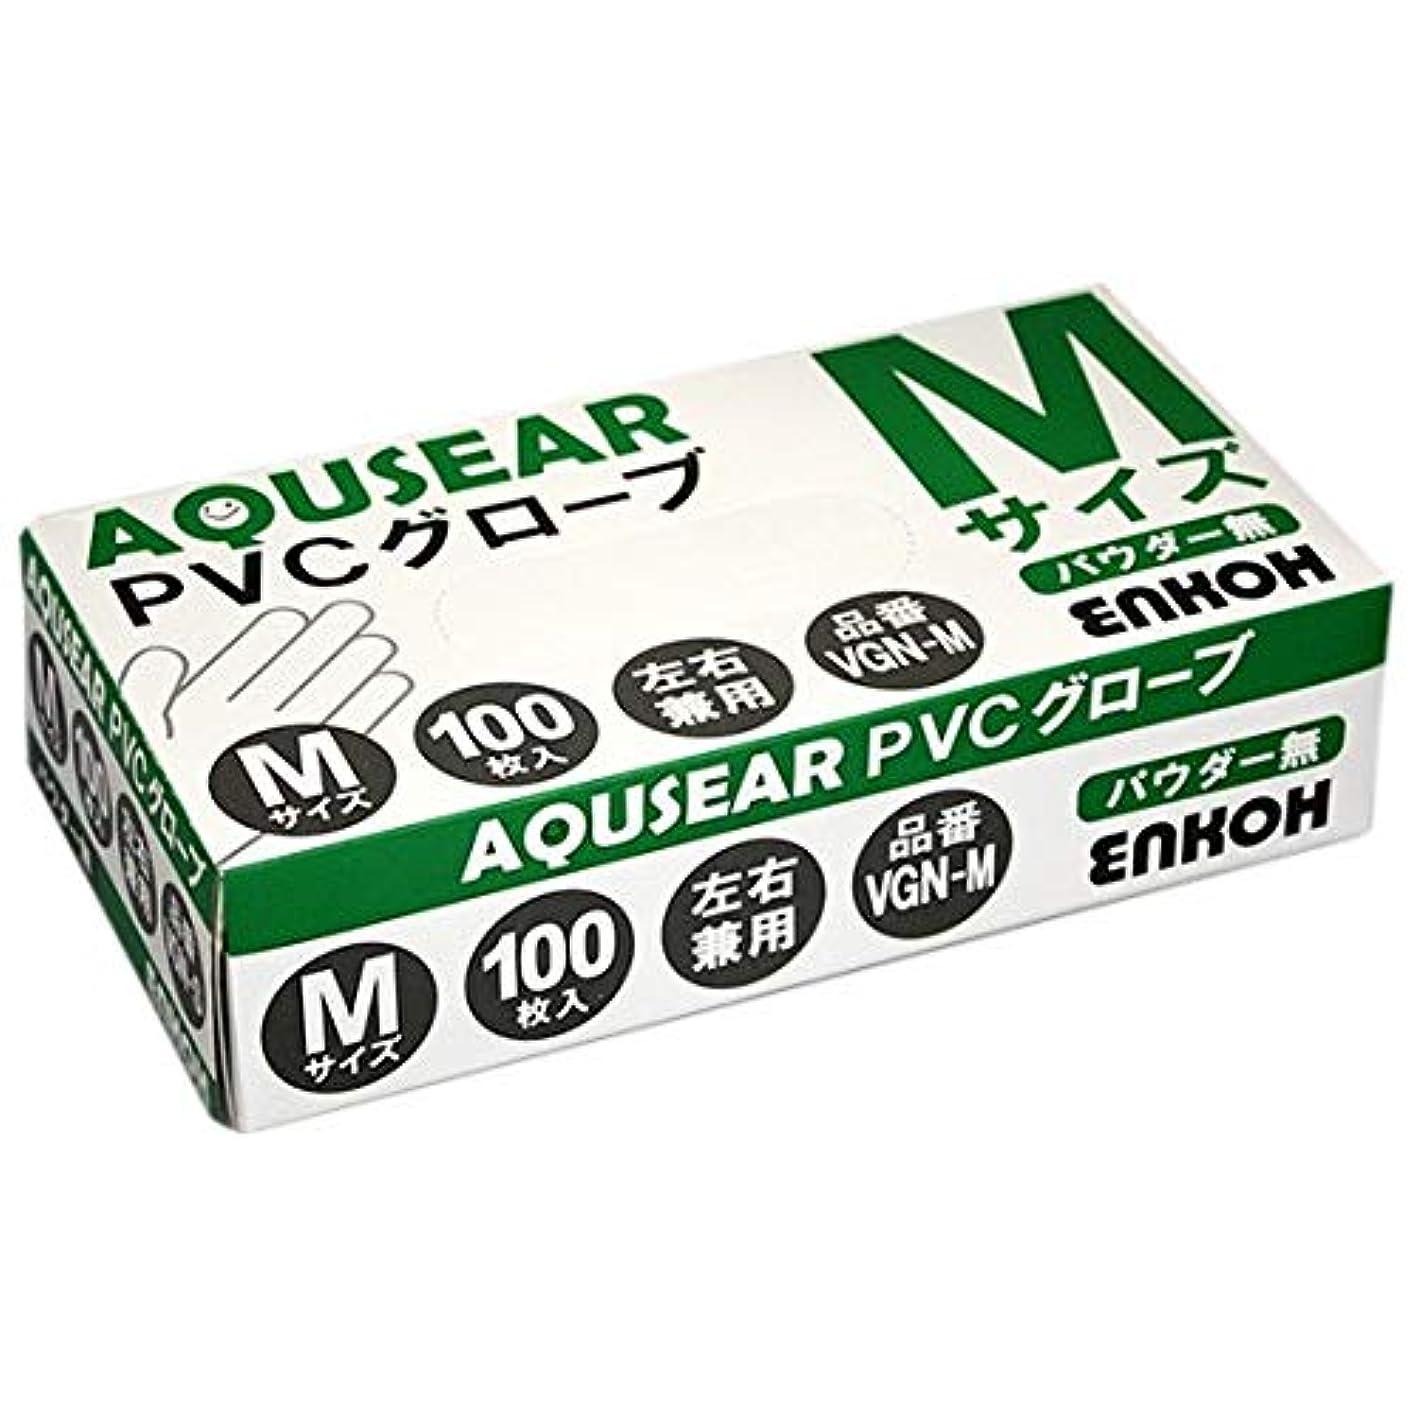 直径手を差し伸べる引き金AQUSEAR PVC プラスチックグローブ Mサイズ パウダー無 VGN-M 100枚×20箱